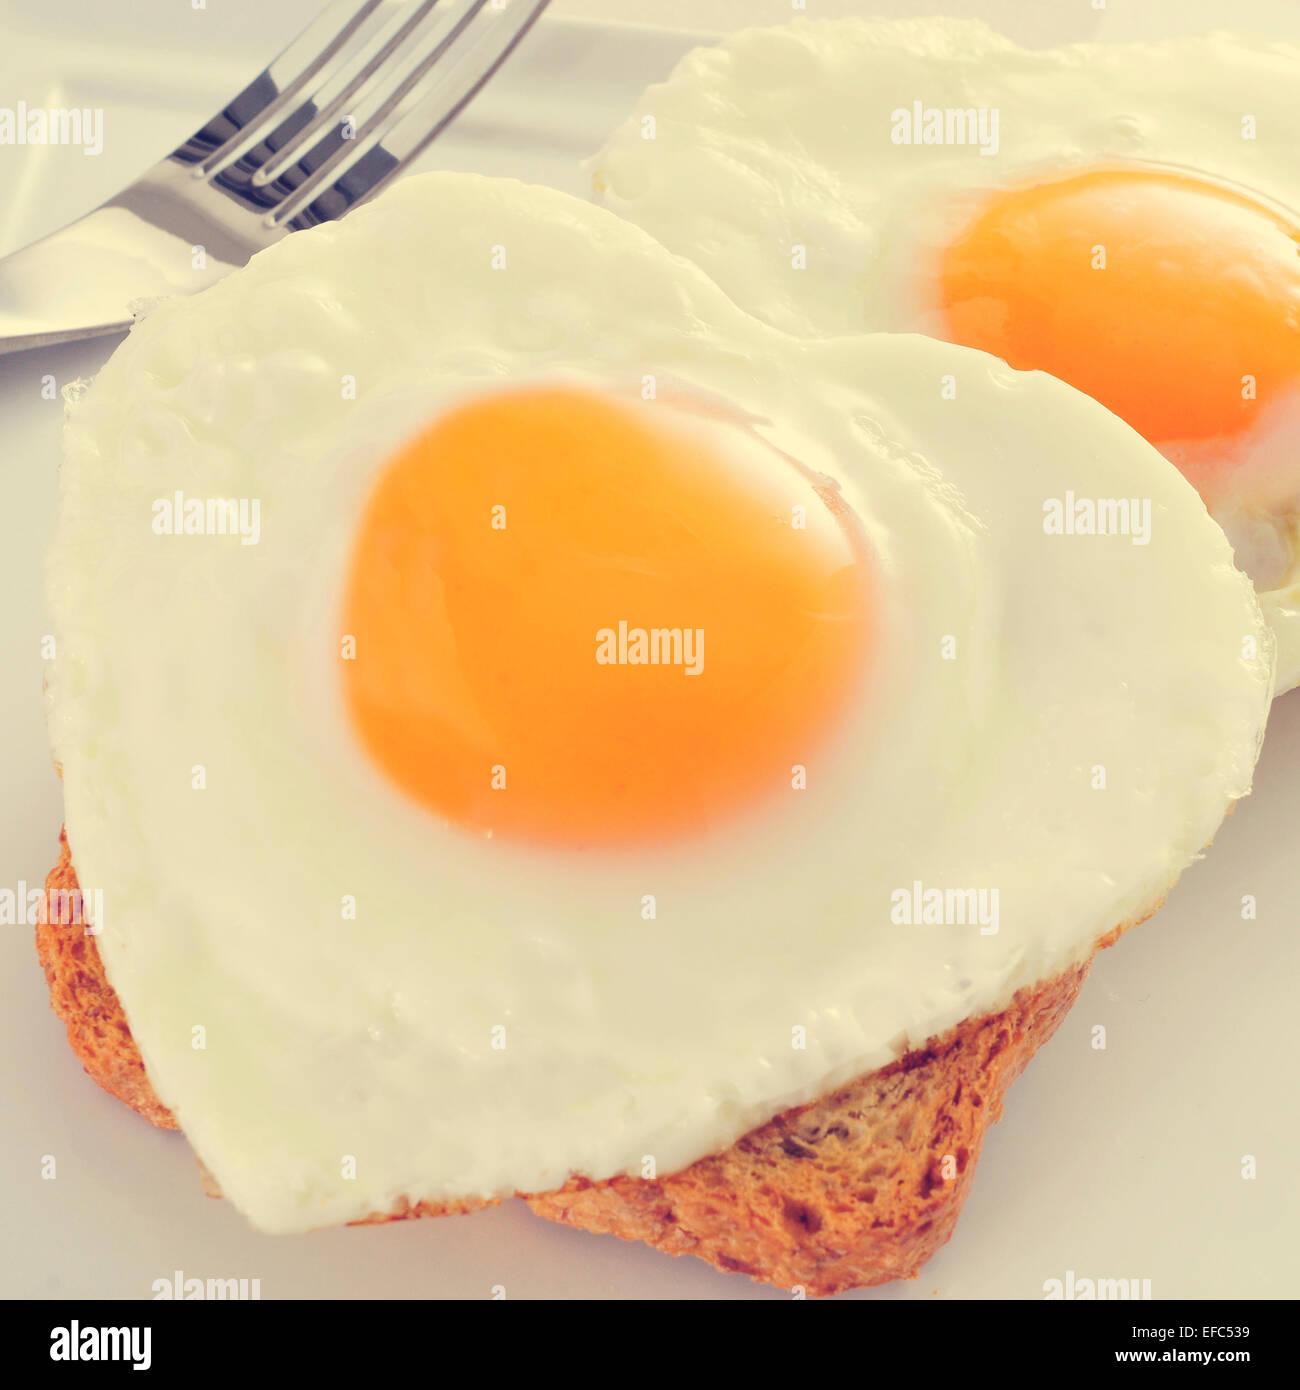 Nahaufnahme von einigen herzförmigen Spiegeleier serviert auf Toast, mit einem Filter-Effekt Stockfoto